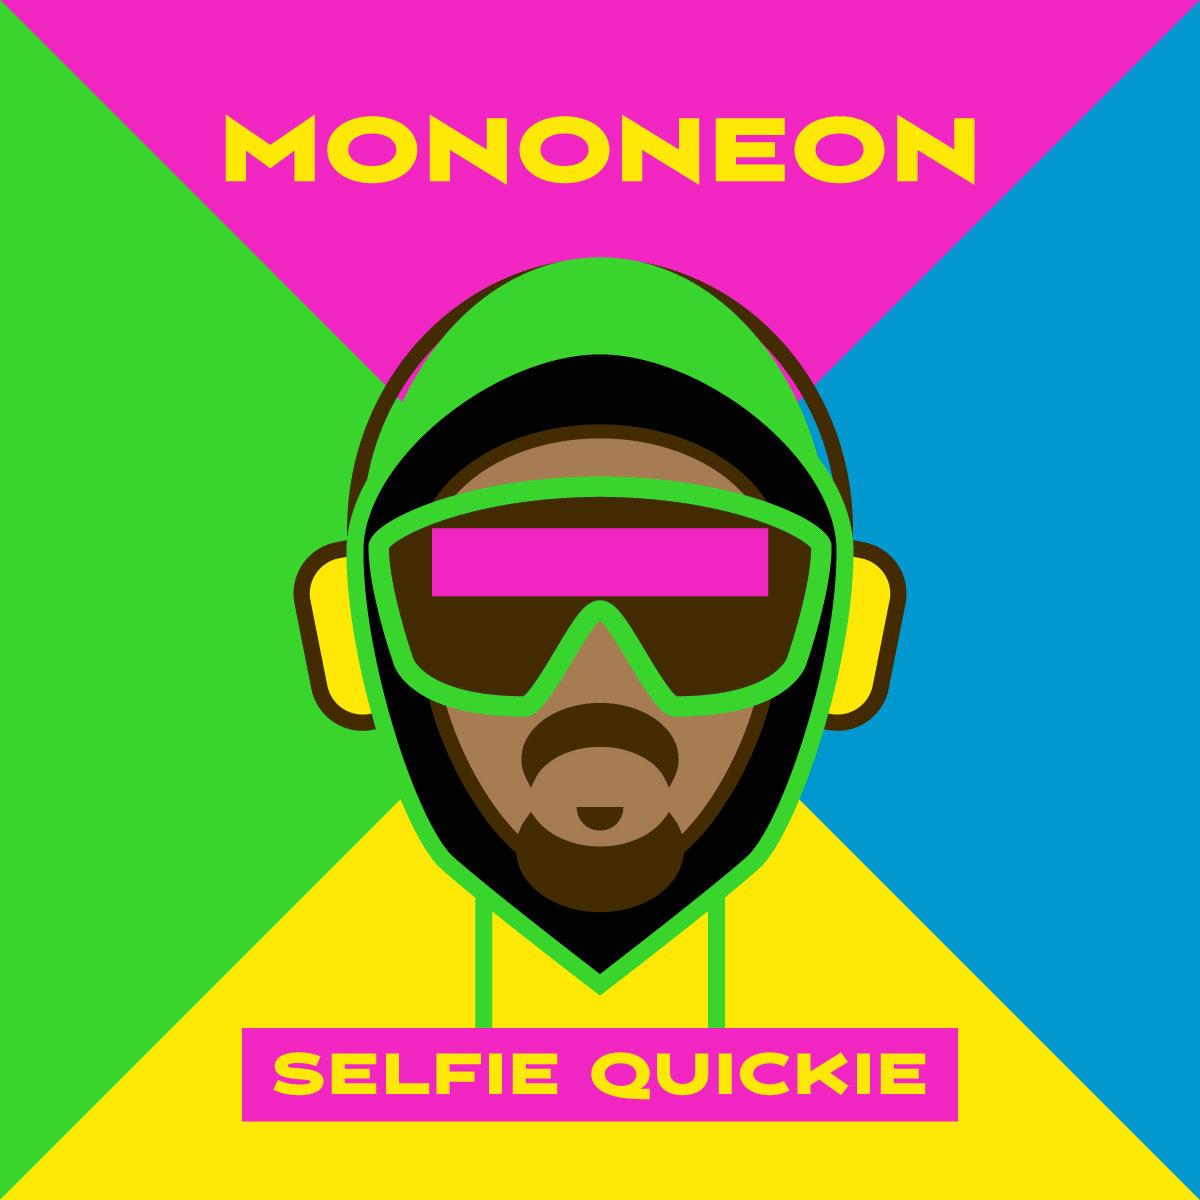 MN_Selfie_Quickie.jpg